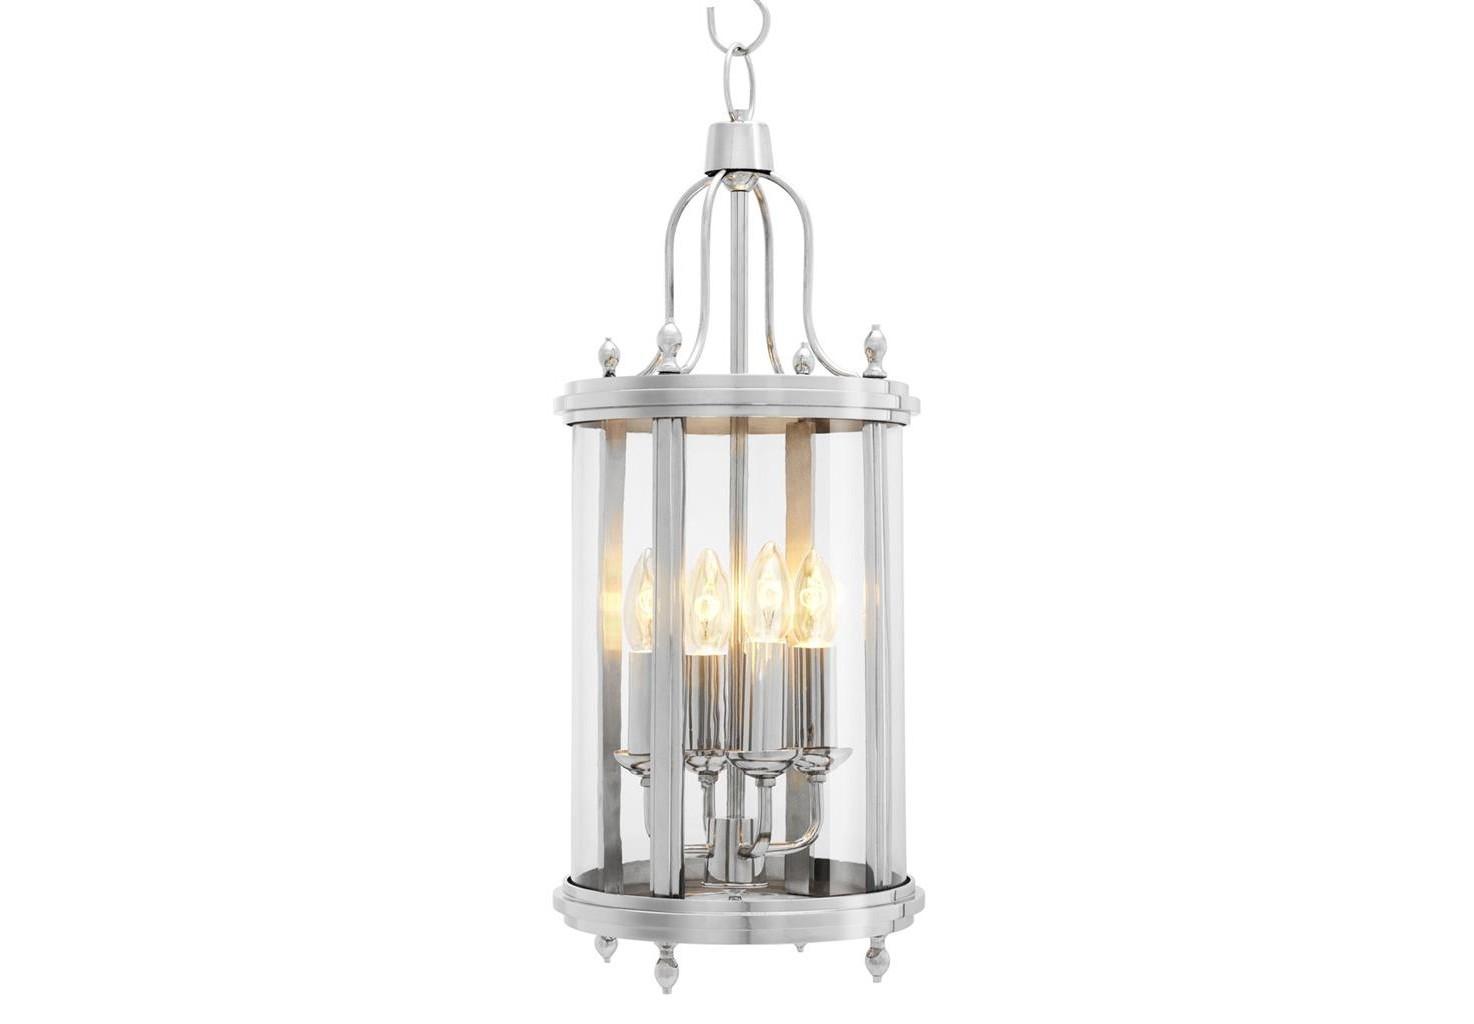 Подвесной светильник SandhurstПодвесные светильники<br>Светильник &amp;quot;Lantern Sandhurst&amp;quot; напоминает старинный фонарь, в элегантном стеклянном корпусе которого скрыто настоящее волшебство. Стоит только включить лампу, и вместе с мягким светом магия тут же распространится по комнате. Оформление пространства станет более уютным и теплым благодаря прованскому дизайну. Подвесив светильник к потолку или просто поставив его на стол, вы сможете придать своему дому скромное очарование французского шарма.&amp;lt;div&amp;gt;&amp;lt;br&amp;gt;&amp;lt;/div&amp;gt;&amp;lt;div&amp;gt;Количество лампочек: 4.&amp;lt;/div&amp;gt;&amp;lt;div&amp;gt;Мощность: 4x 40 Вт.&amp;lt;/div&amp;gt;&amp;lt;div&amp;gt;Тип лампы: накаливания, E14.&amp;lt;/div&amp;gt;<br><br>Material: Металл<br>Ширина см: 26<br>Высота см: 64<br>Глубина см: 26